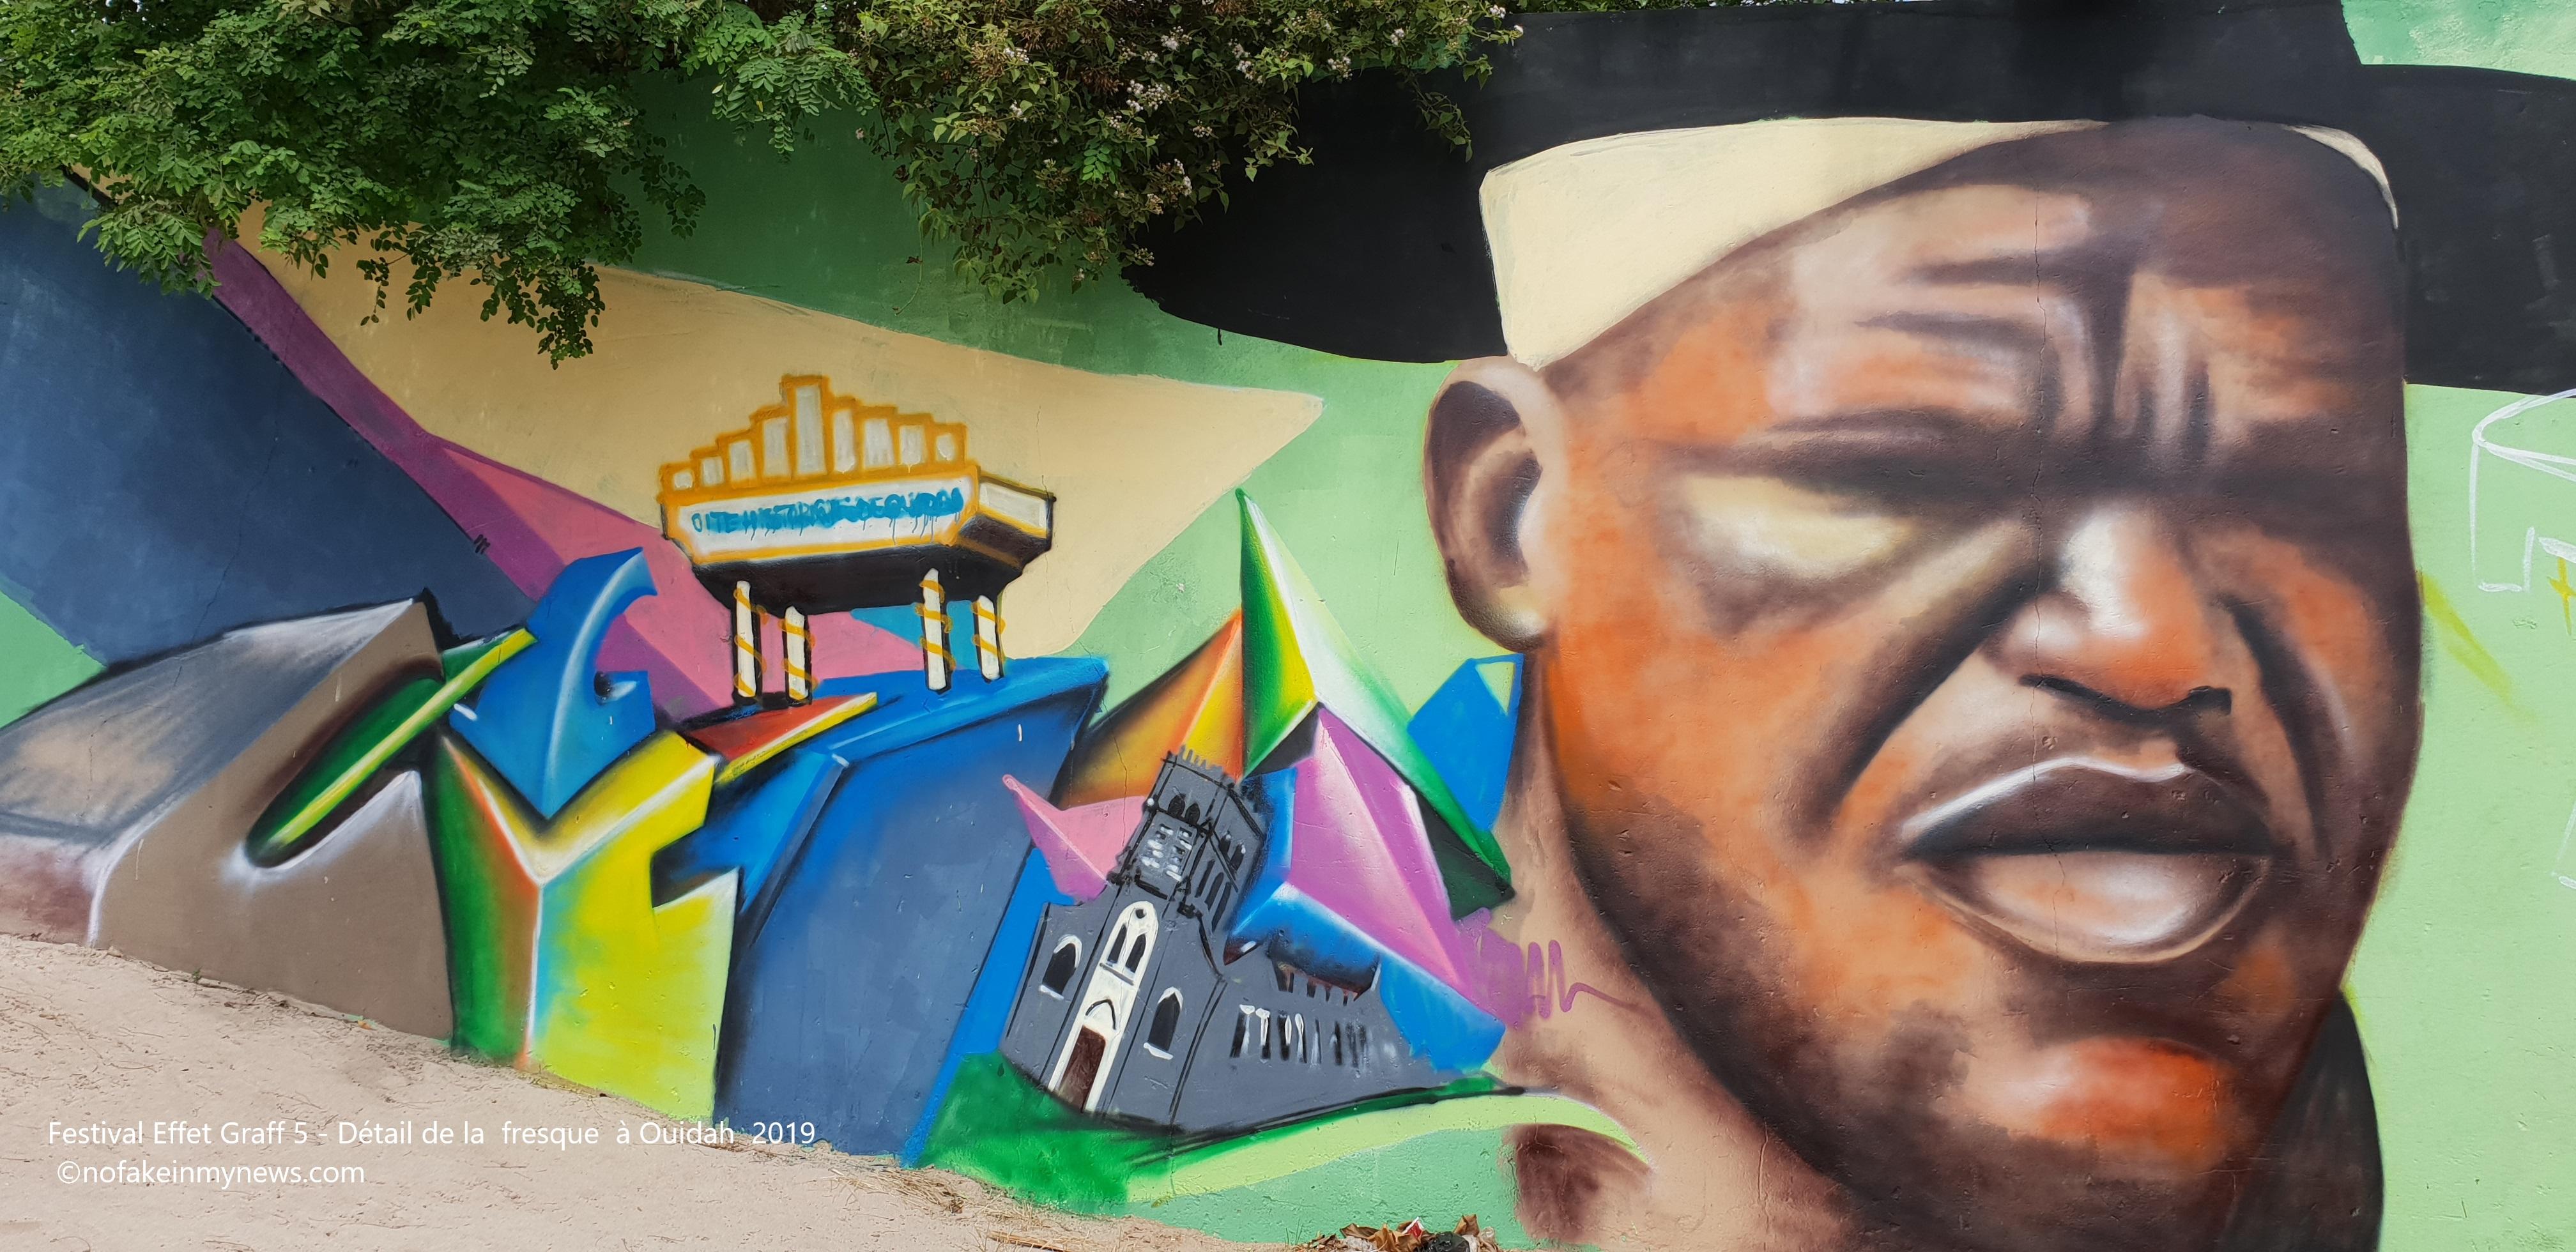 Festival Effet Graff 5 - Détail de la fresque à Ouidah 2019 - ©nofakeinmynews